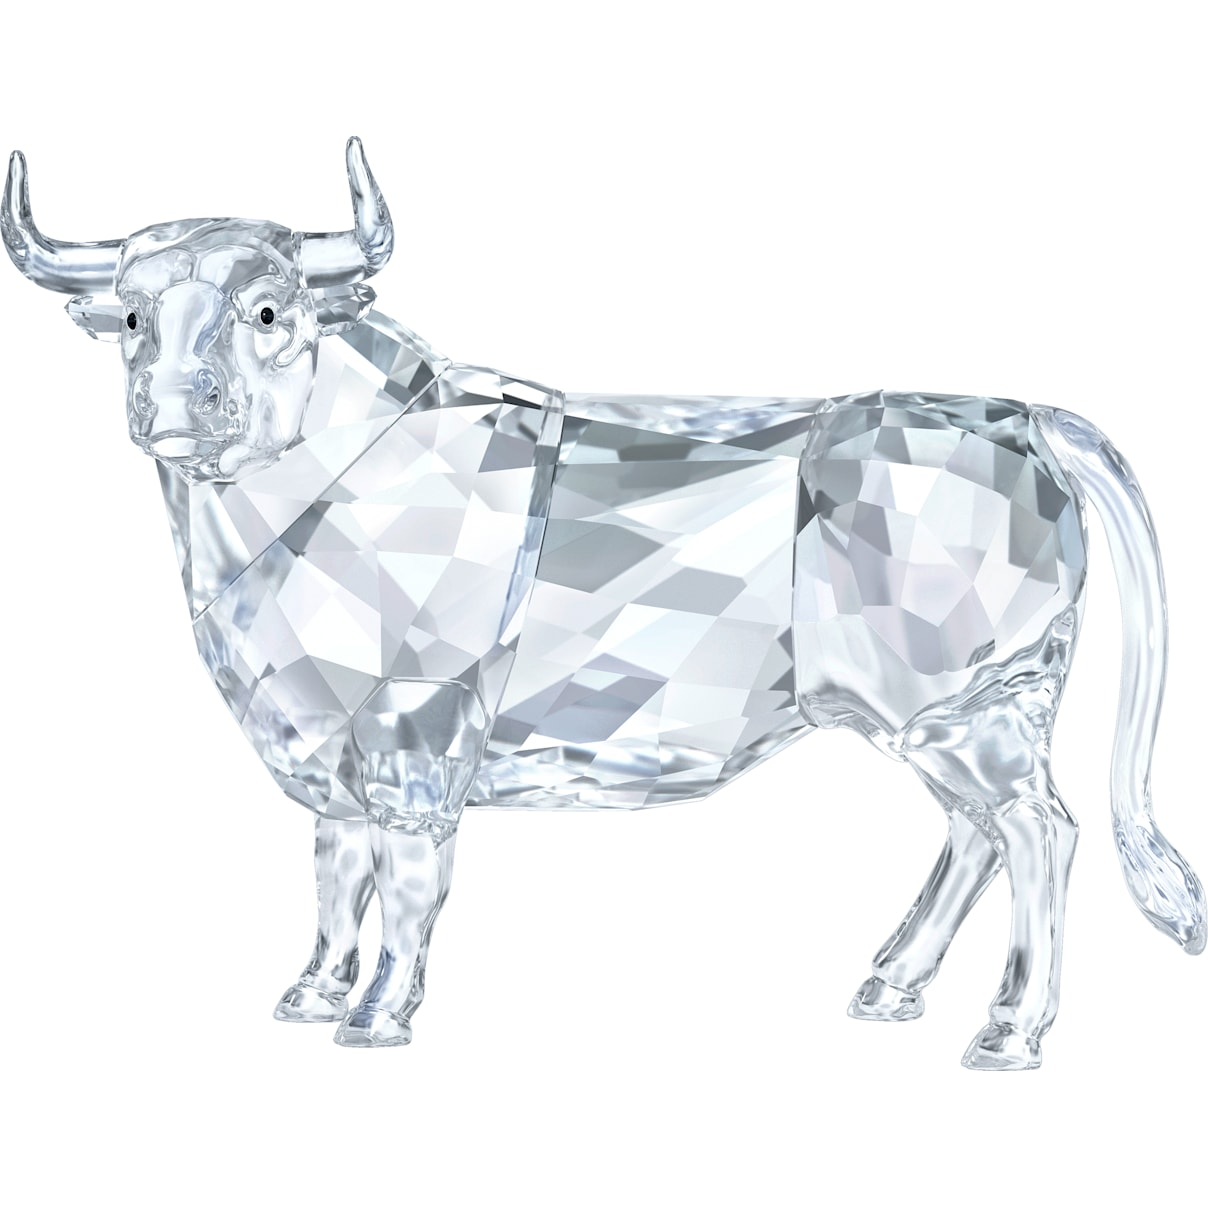 Swarovski Bull